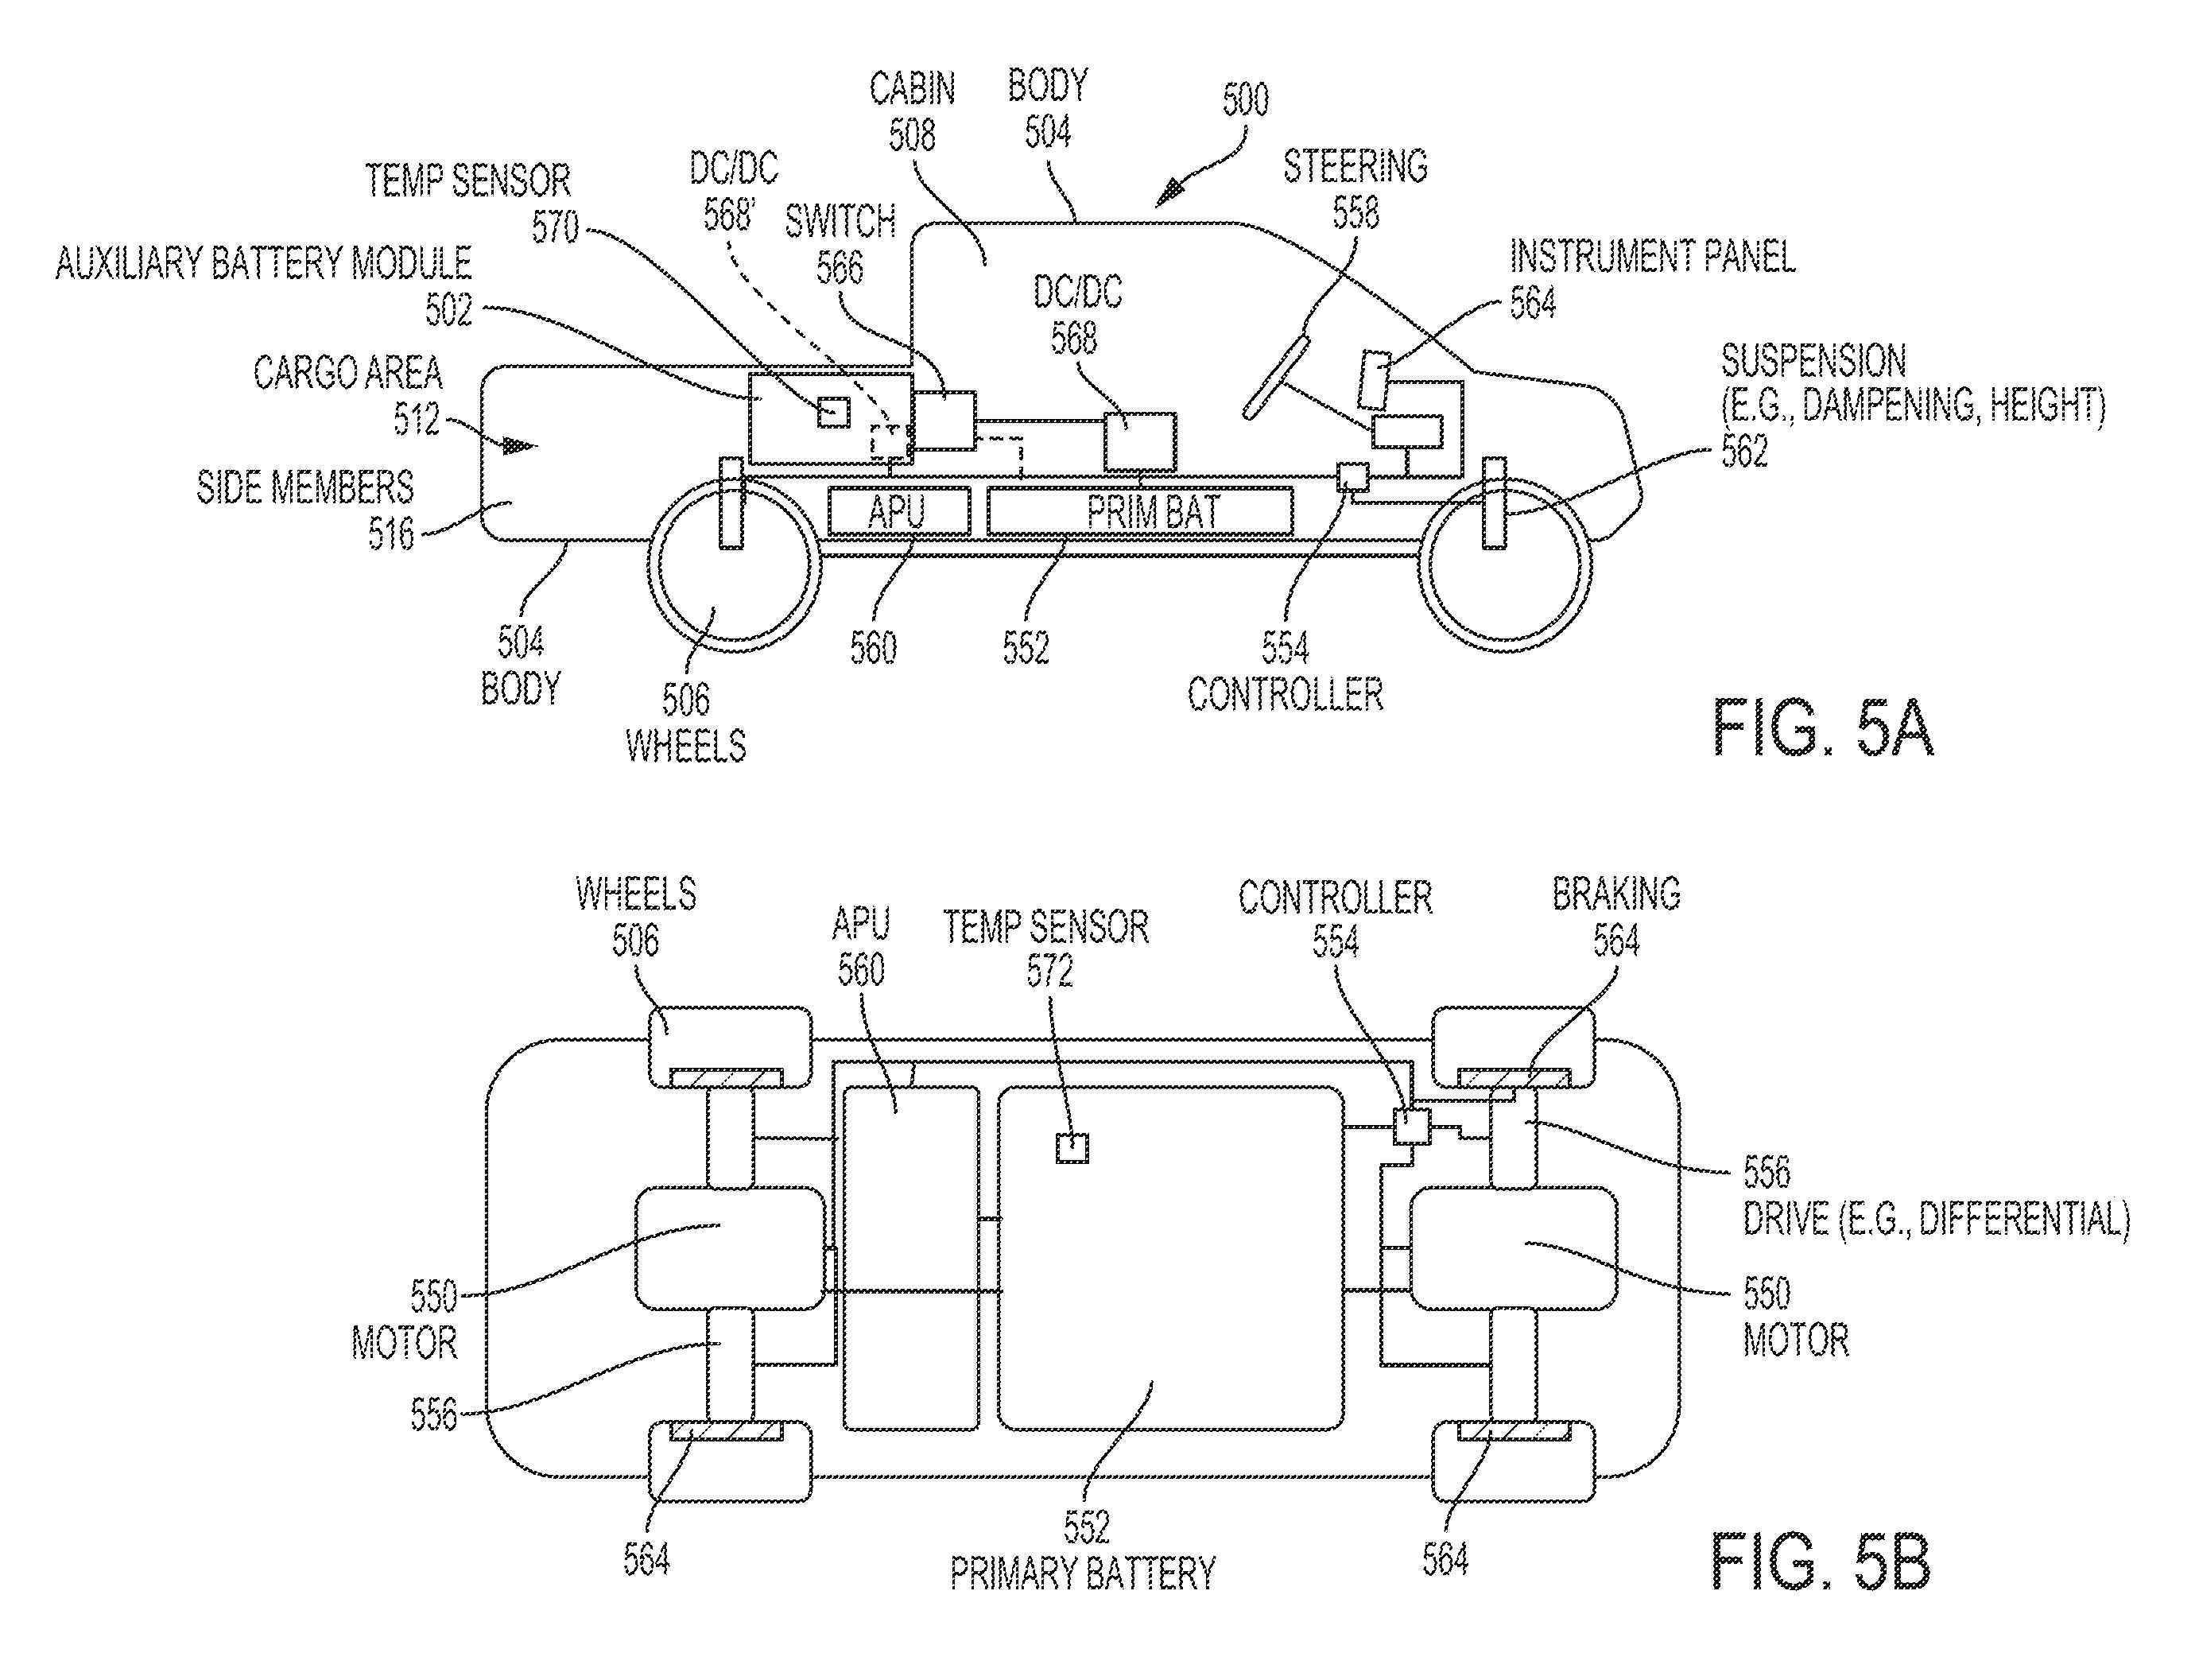 rivian-aux-battery-patent-1